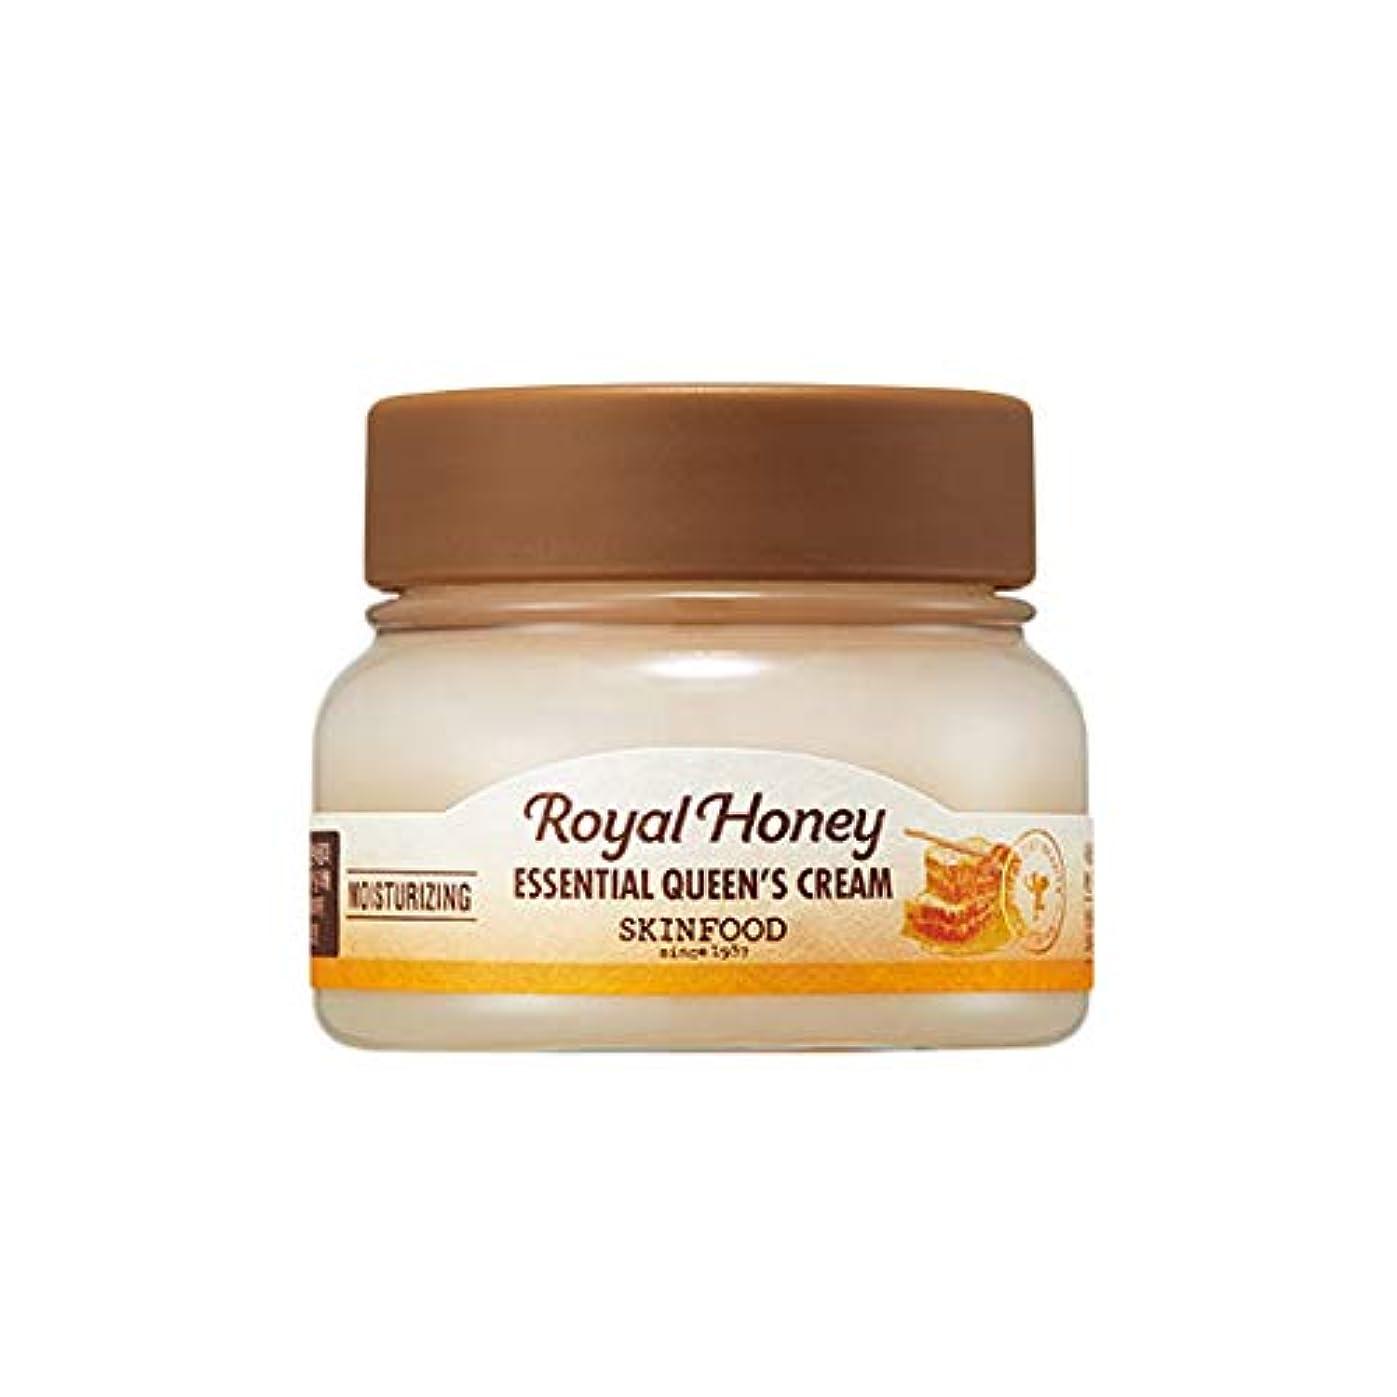 配偶者スケート社説Skinfood ロイヤルハニーエッセンシャルクイーンクリーム/Royal Honey Essential Queen's Cream 62ml [並行輸入品]